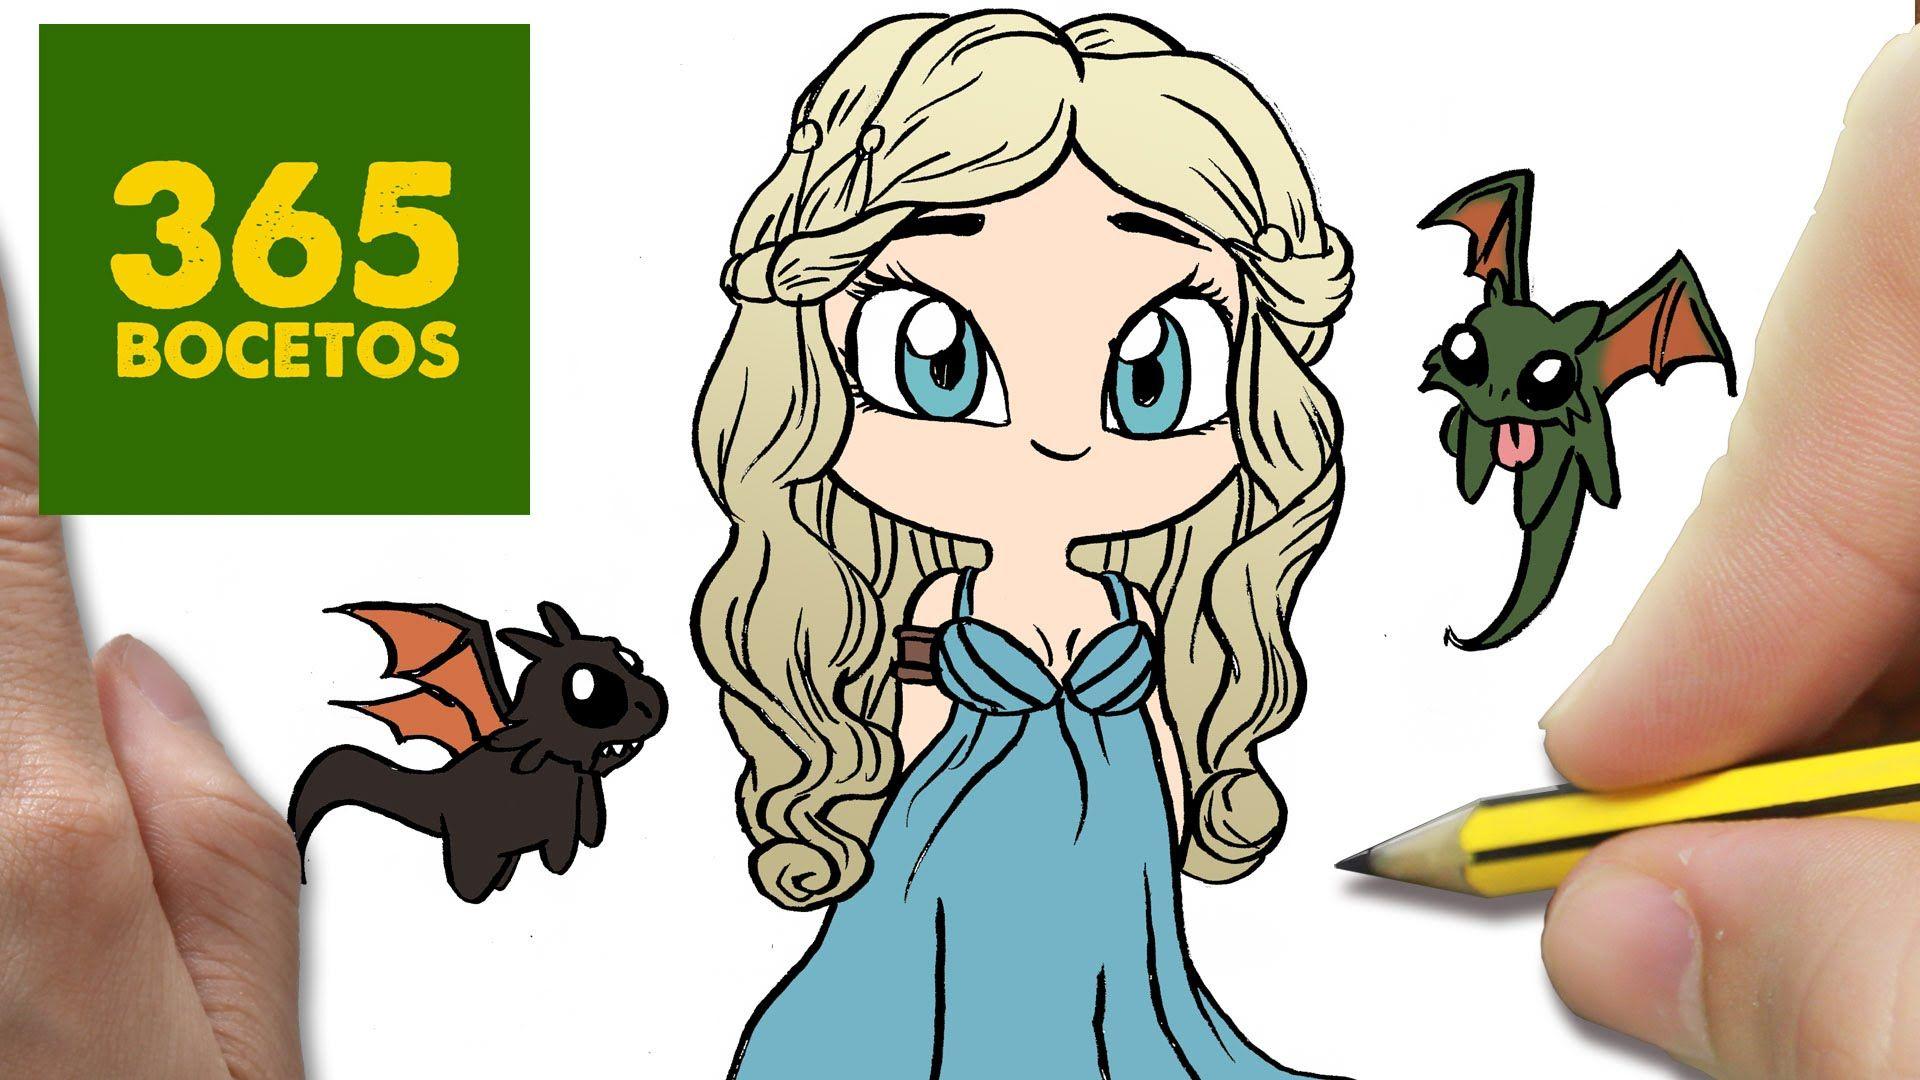 Resultado De Imagen Para Dibujos Para Pintar De Princesas: Resultado De Imagen Para 365bocetos Princesas